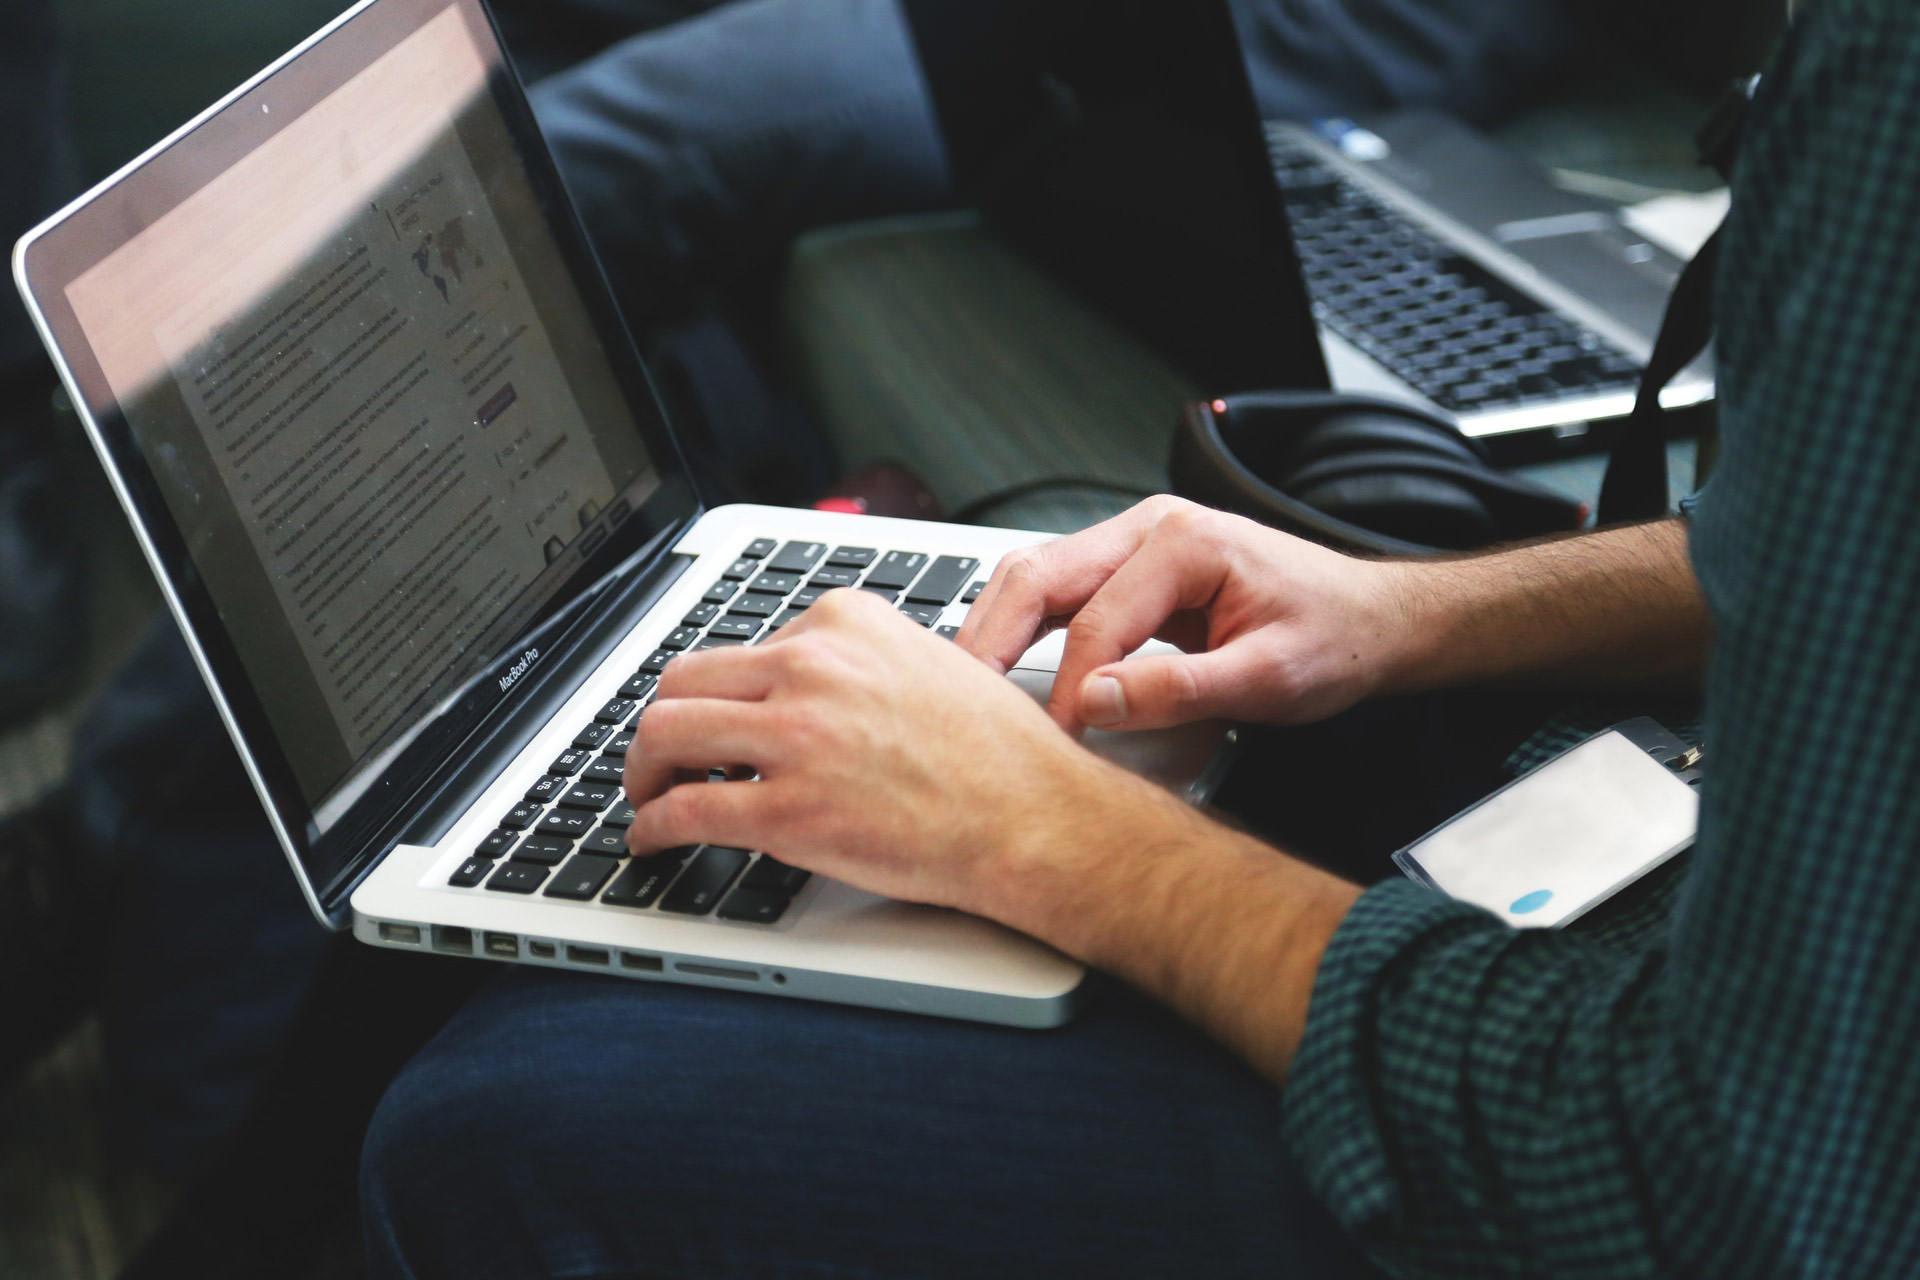 Хакеры продвижение сайта ооо саянская золотодобывающая компания официальный сайт